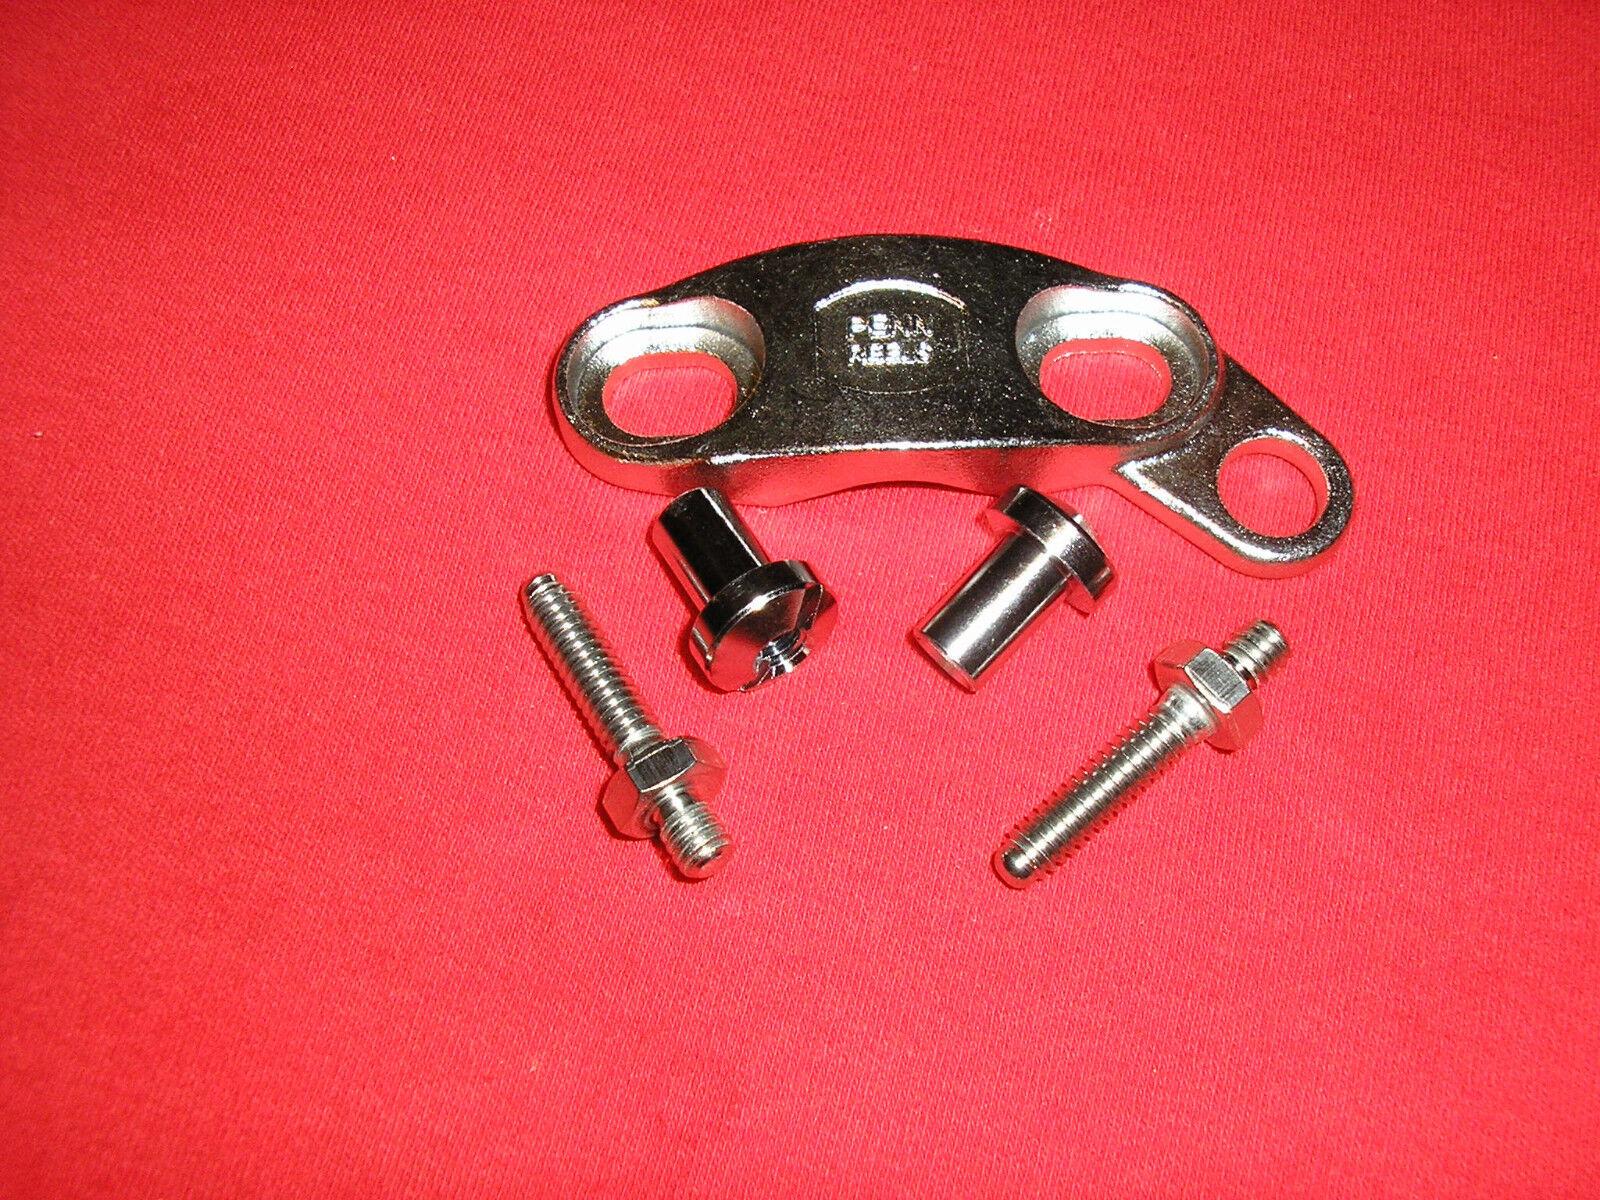 Penn reel repair parts & service